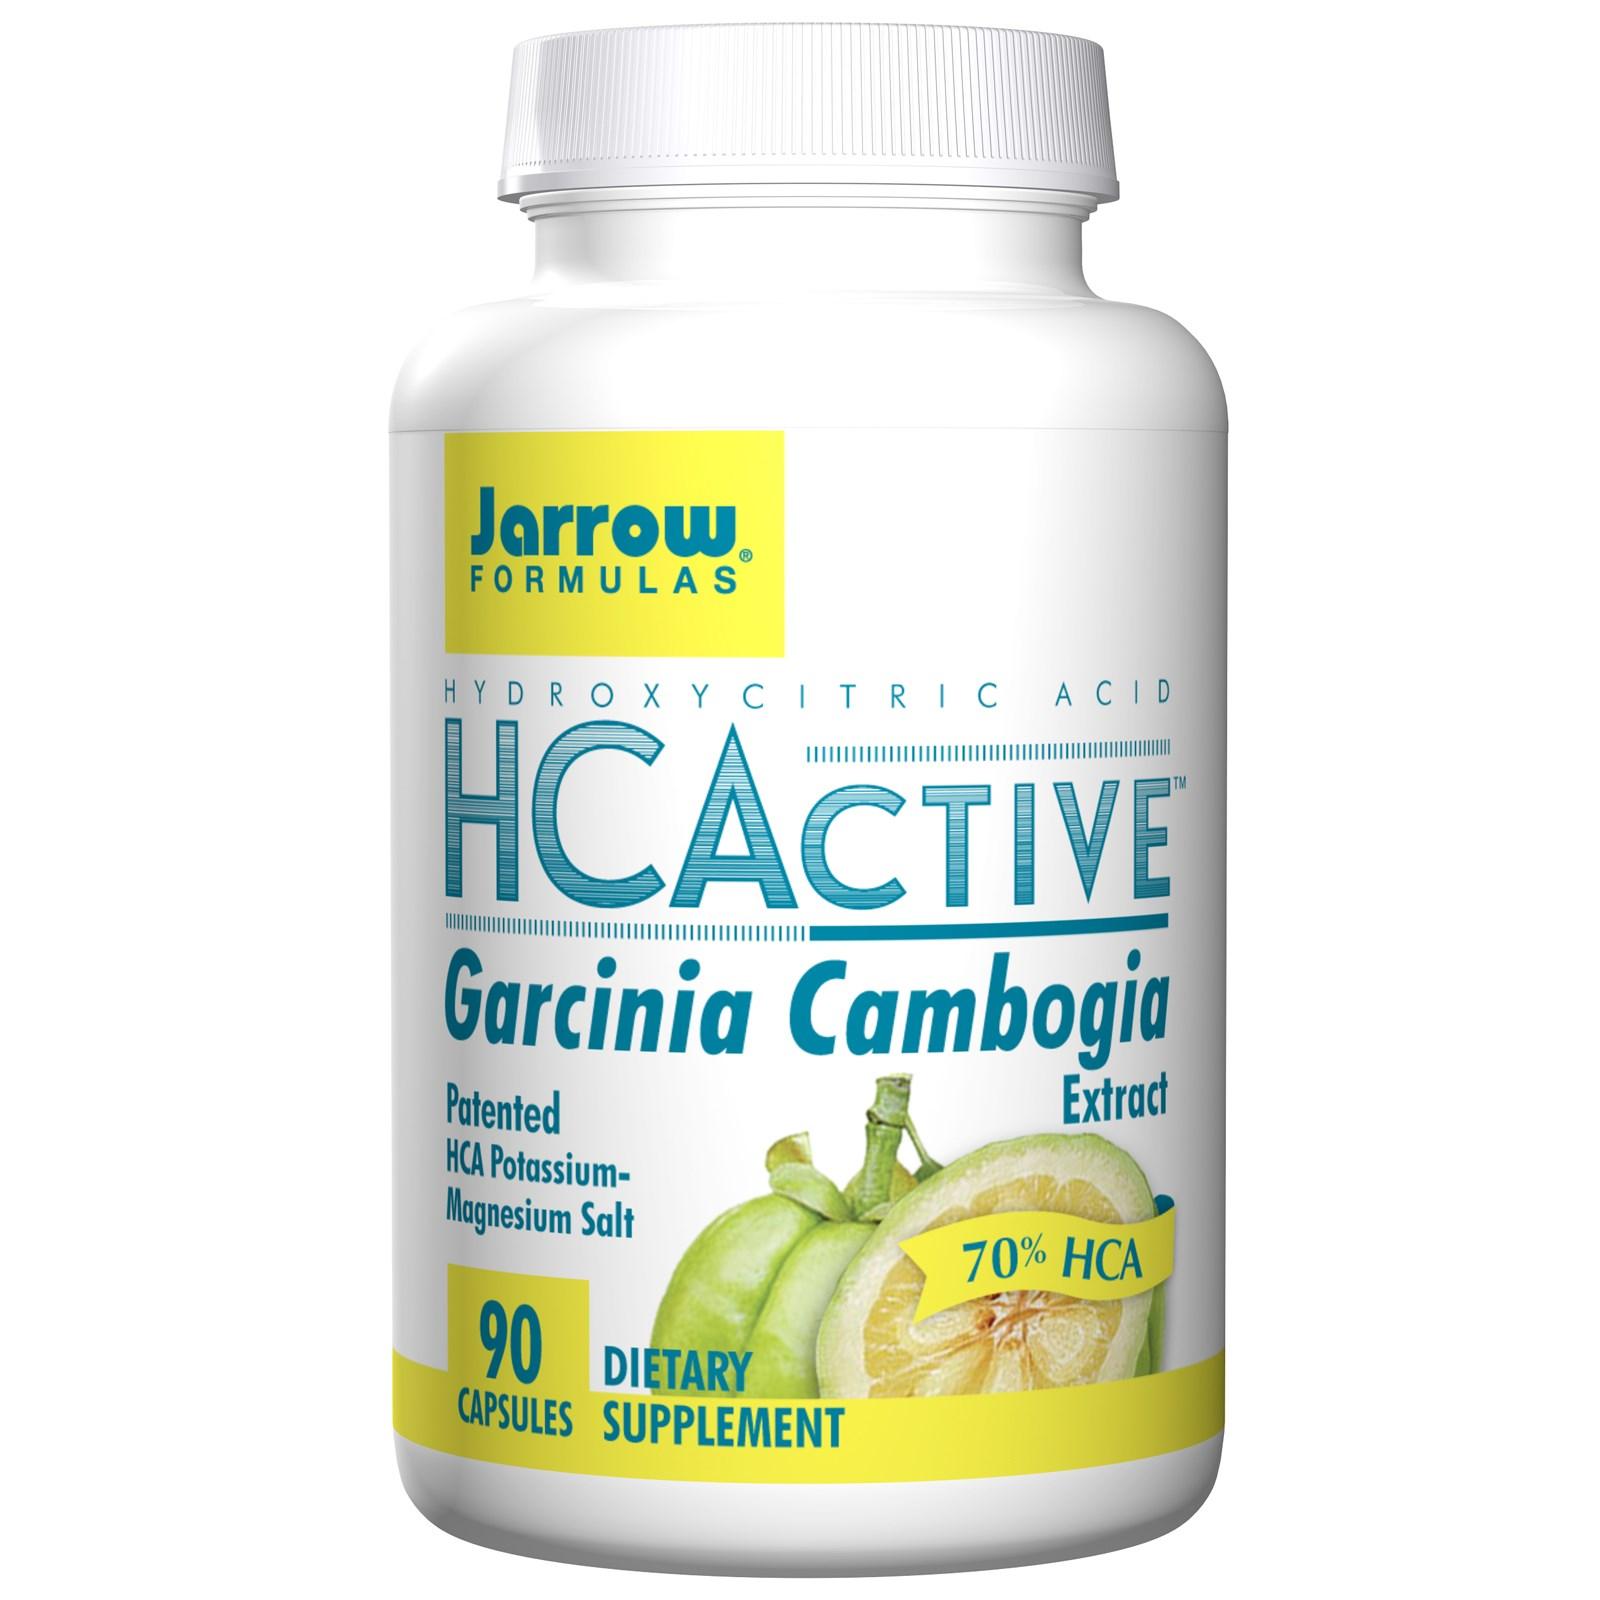 Image of HCActive Garcinia Cambogia Estratto (90 Caps Veggie) - Jarrow Formulas 0790011140870